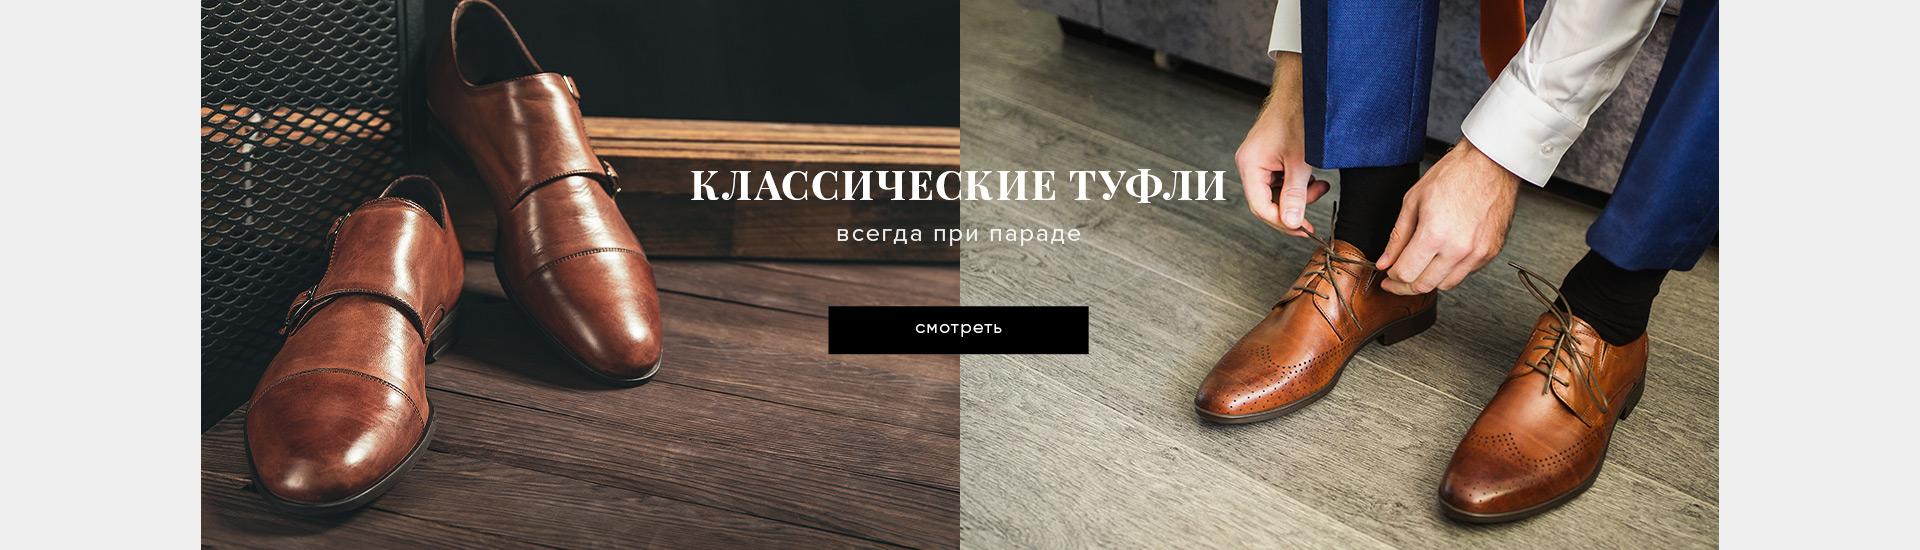 Купить обувь в интернет магазине WildBerries.ru dd1364d4827